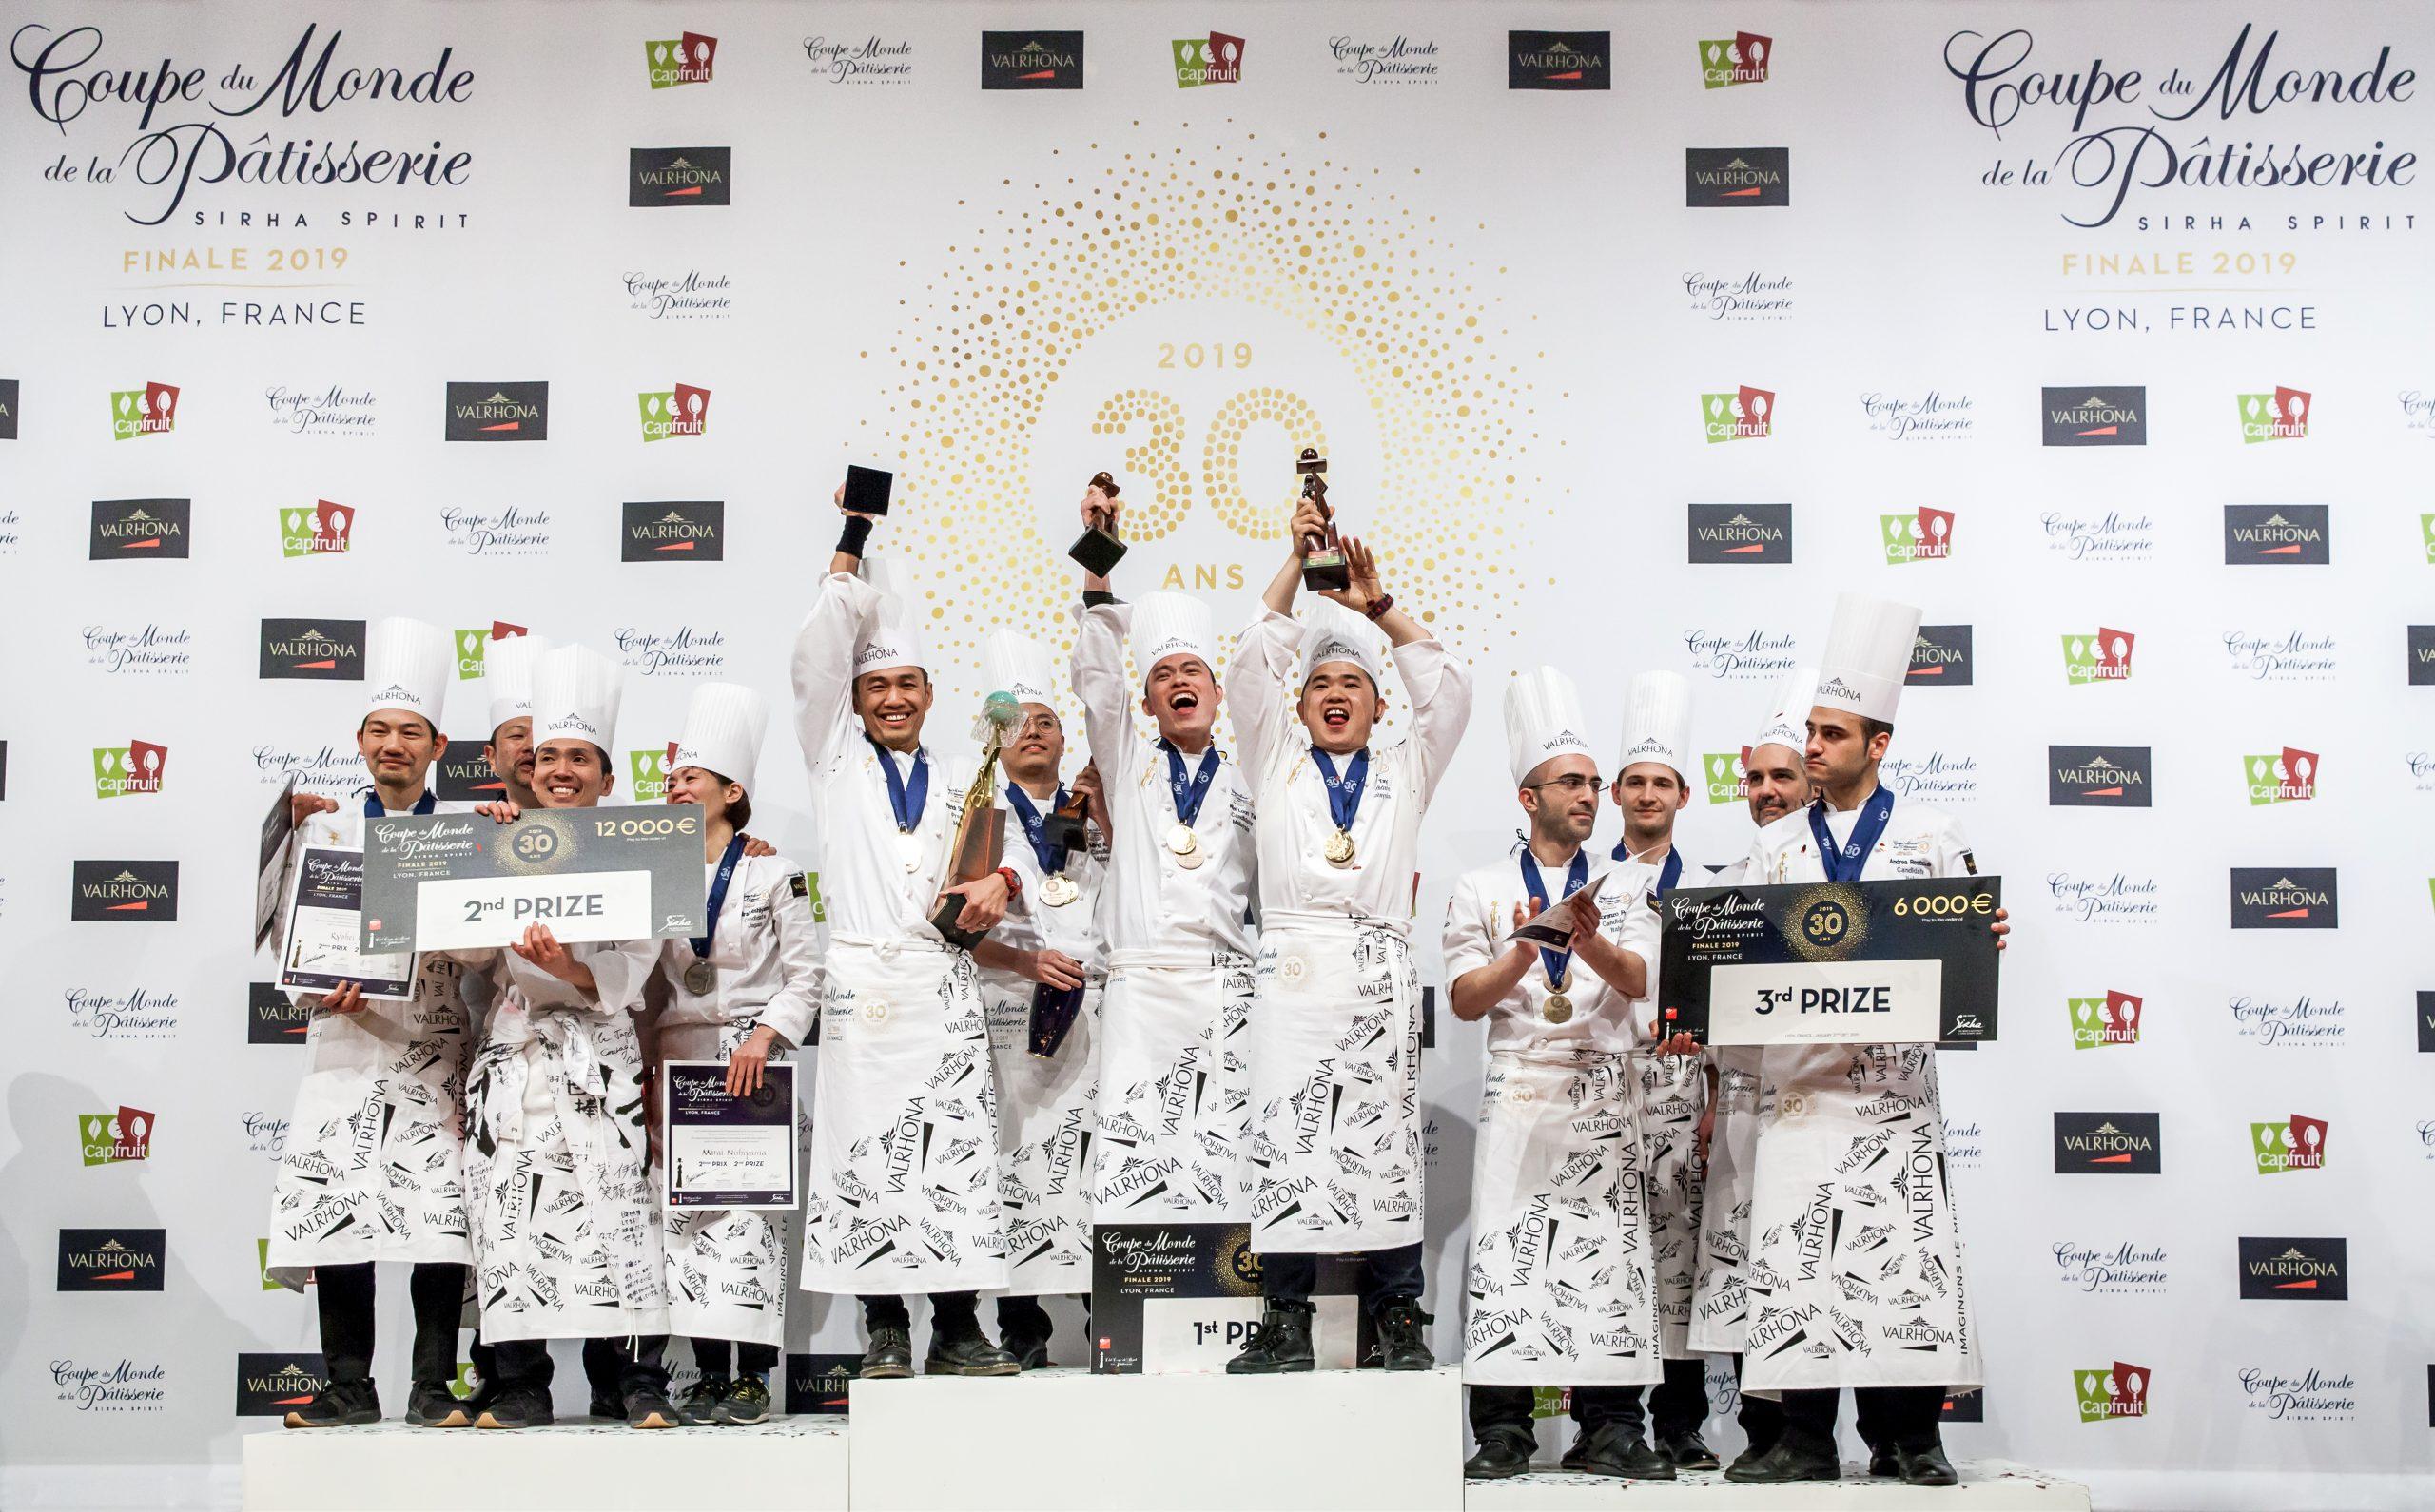 Кубок мира по кондитерскому искусству